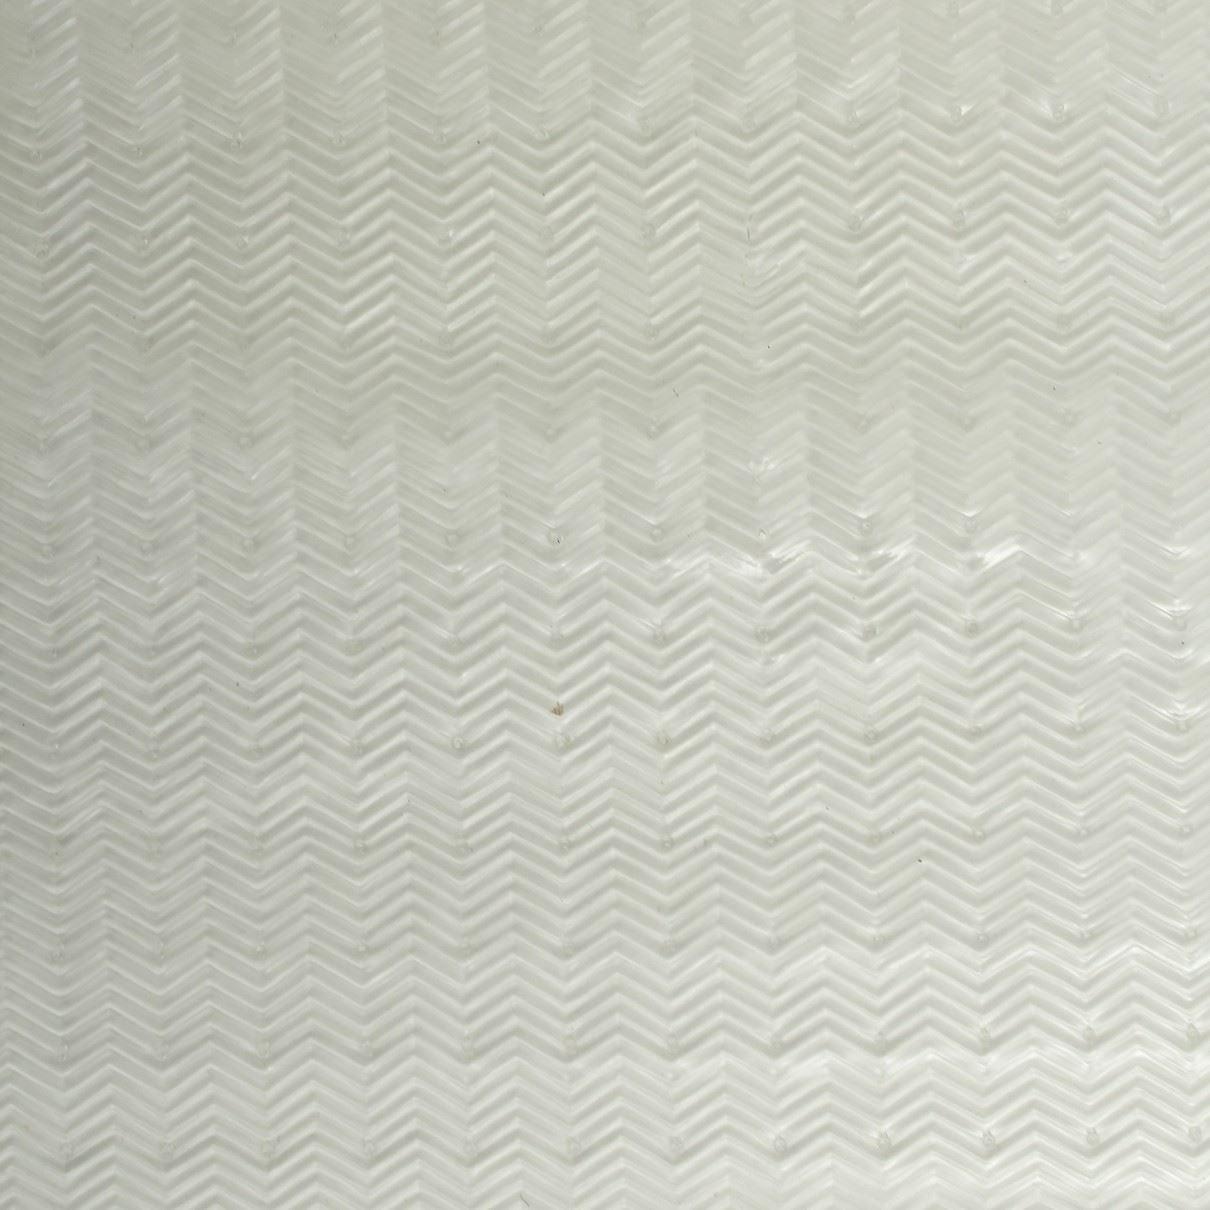 Resistente transparente vinilo pl stico alfombra protector - Alfombra pasillo vinilo ...